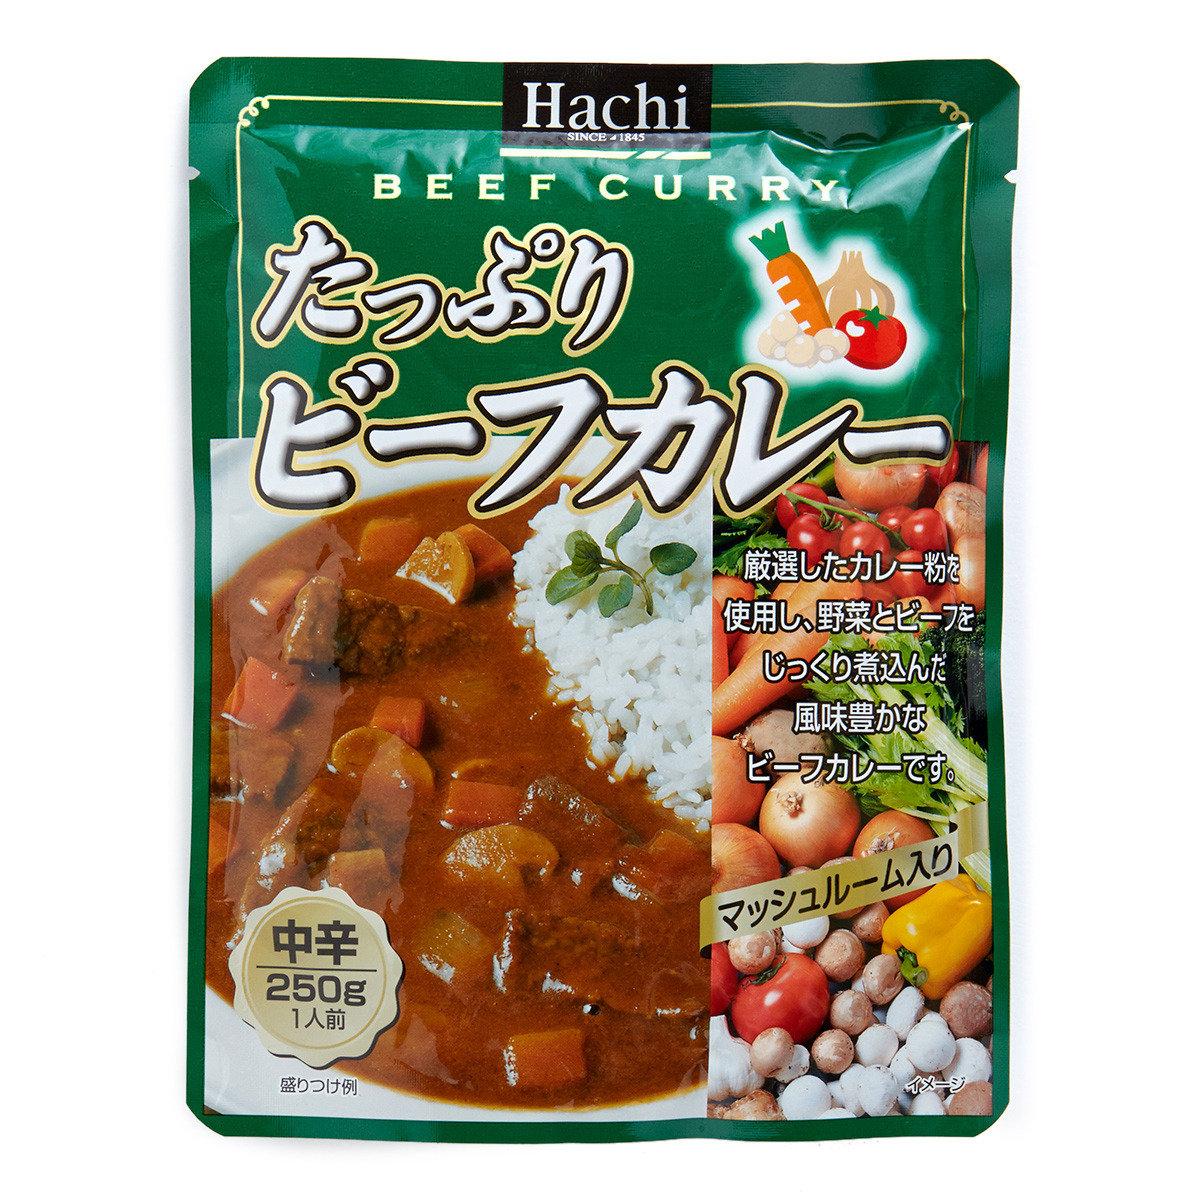 牛肉咖喱 - 中辣